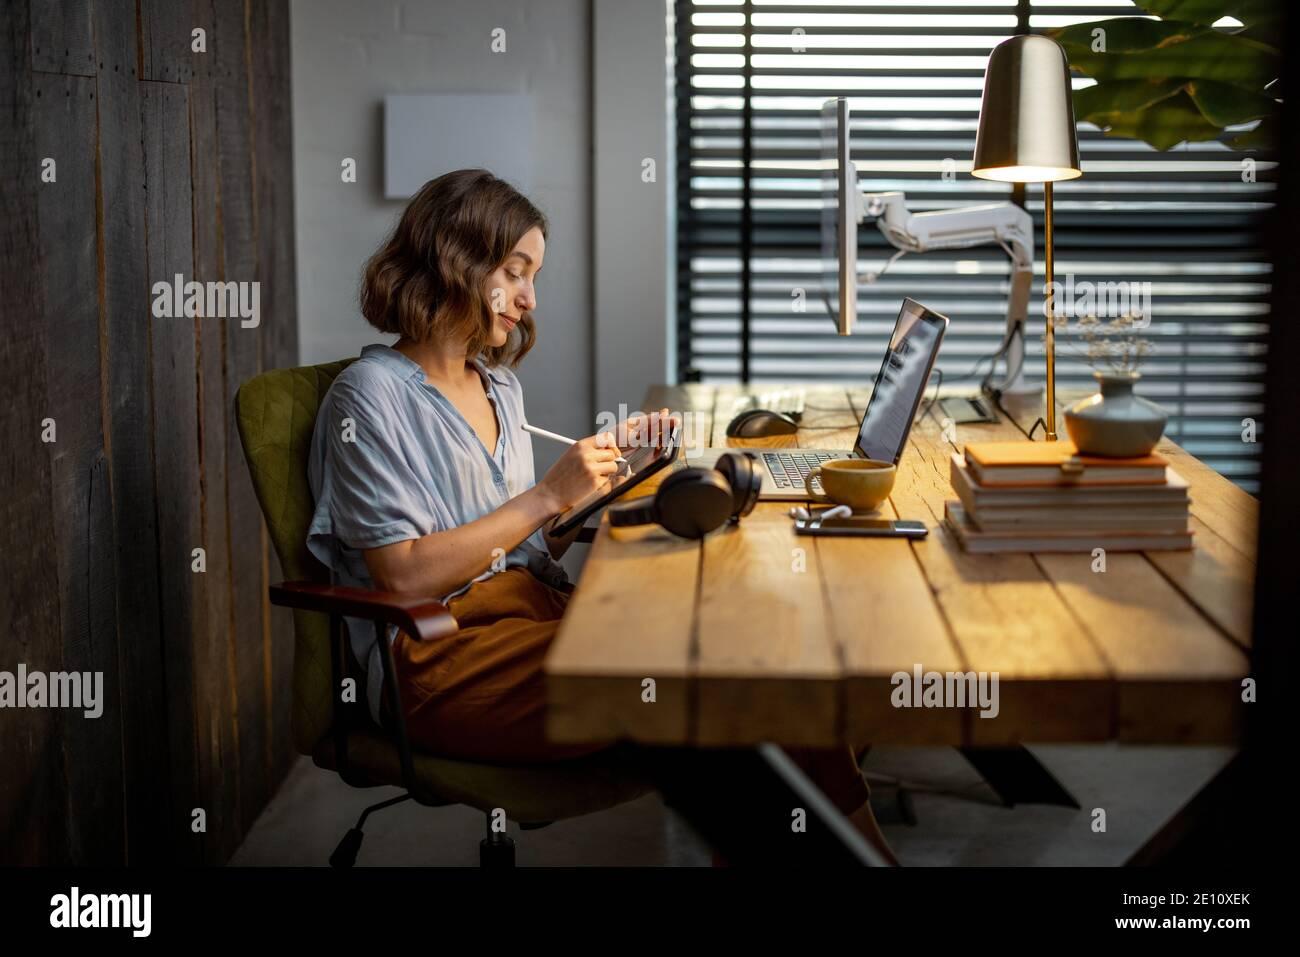 Jeune femme vêtue à la manière décontractée ayant un peu de travail créatif, dessin sur une tablette numérique, assis dans le bureau à la maison confortable et élégant Banque D'Images